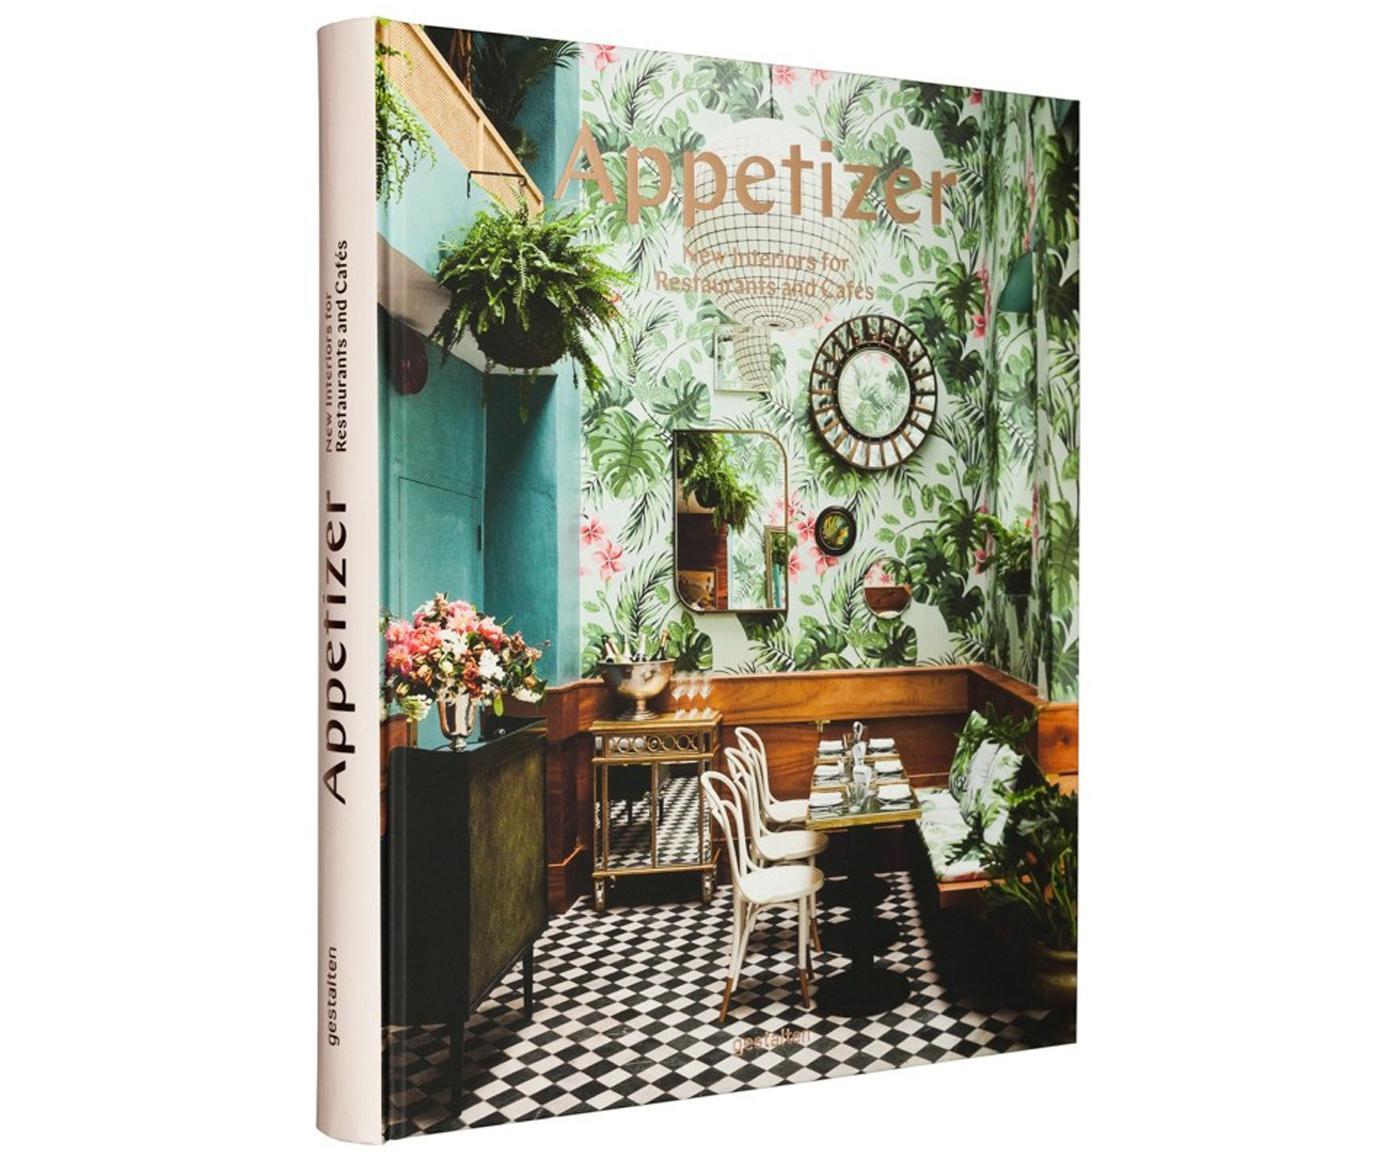 Album Appetizer, Papier, twarda okładka, Wielobarwny, 24 x 30 cm